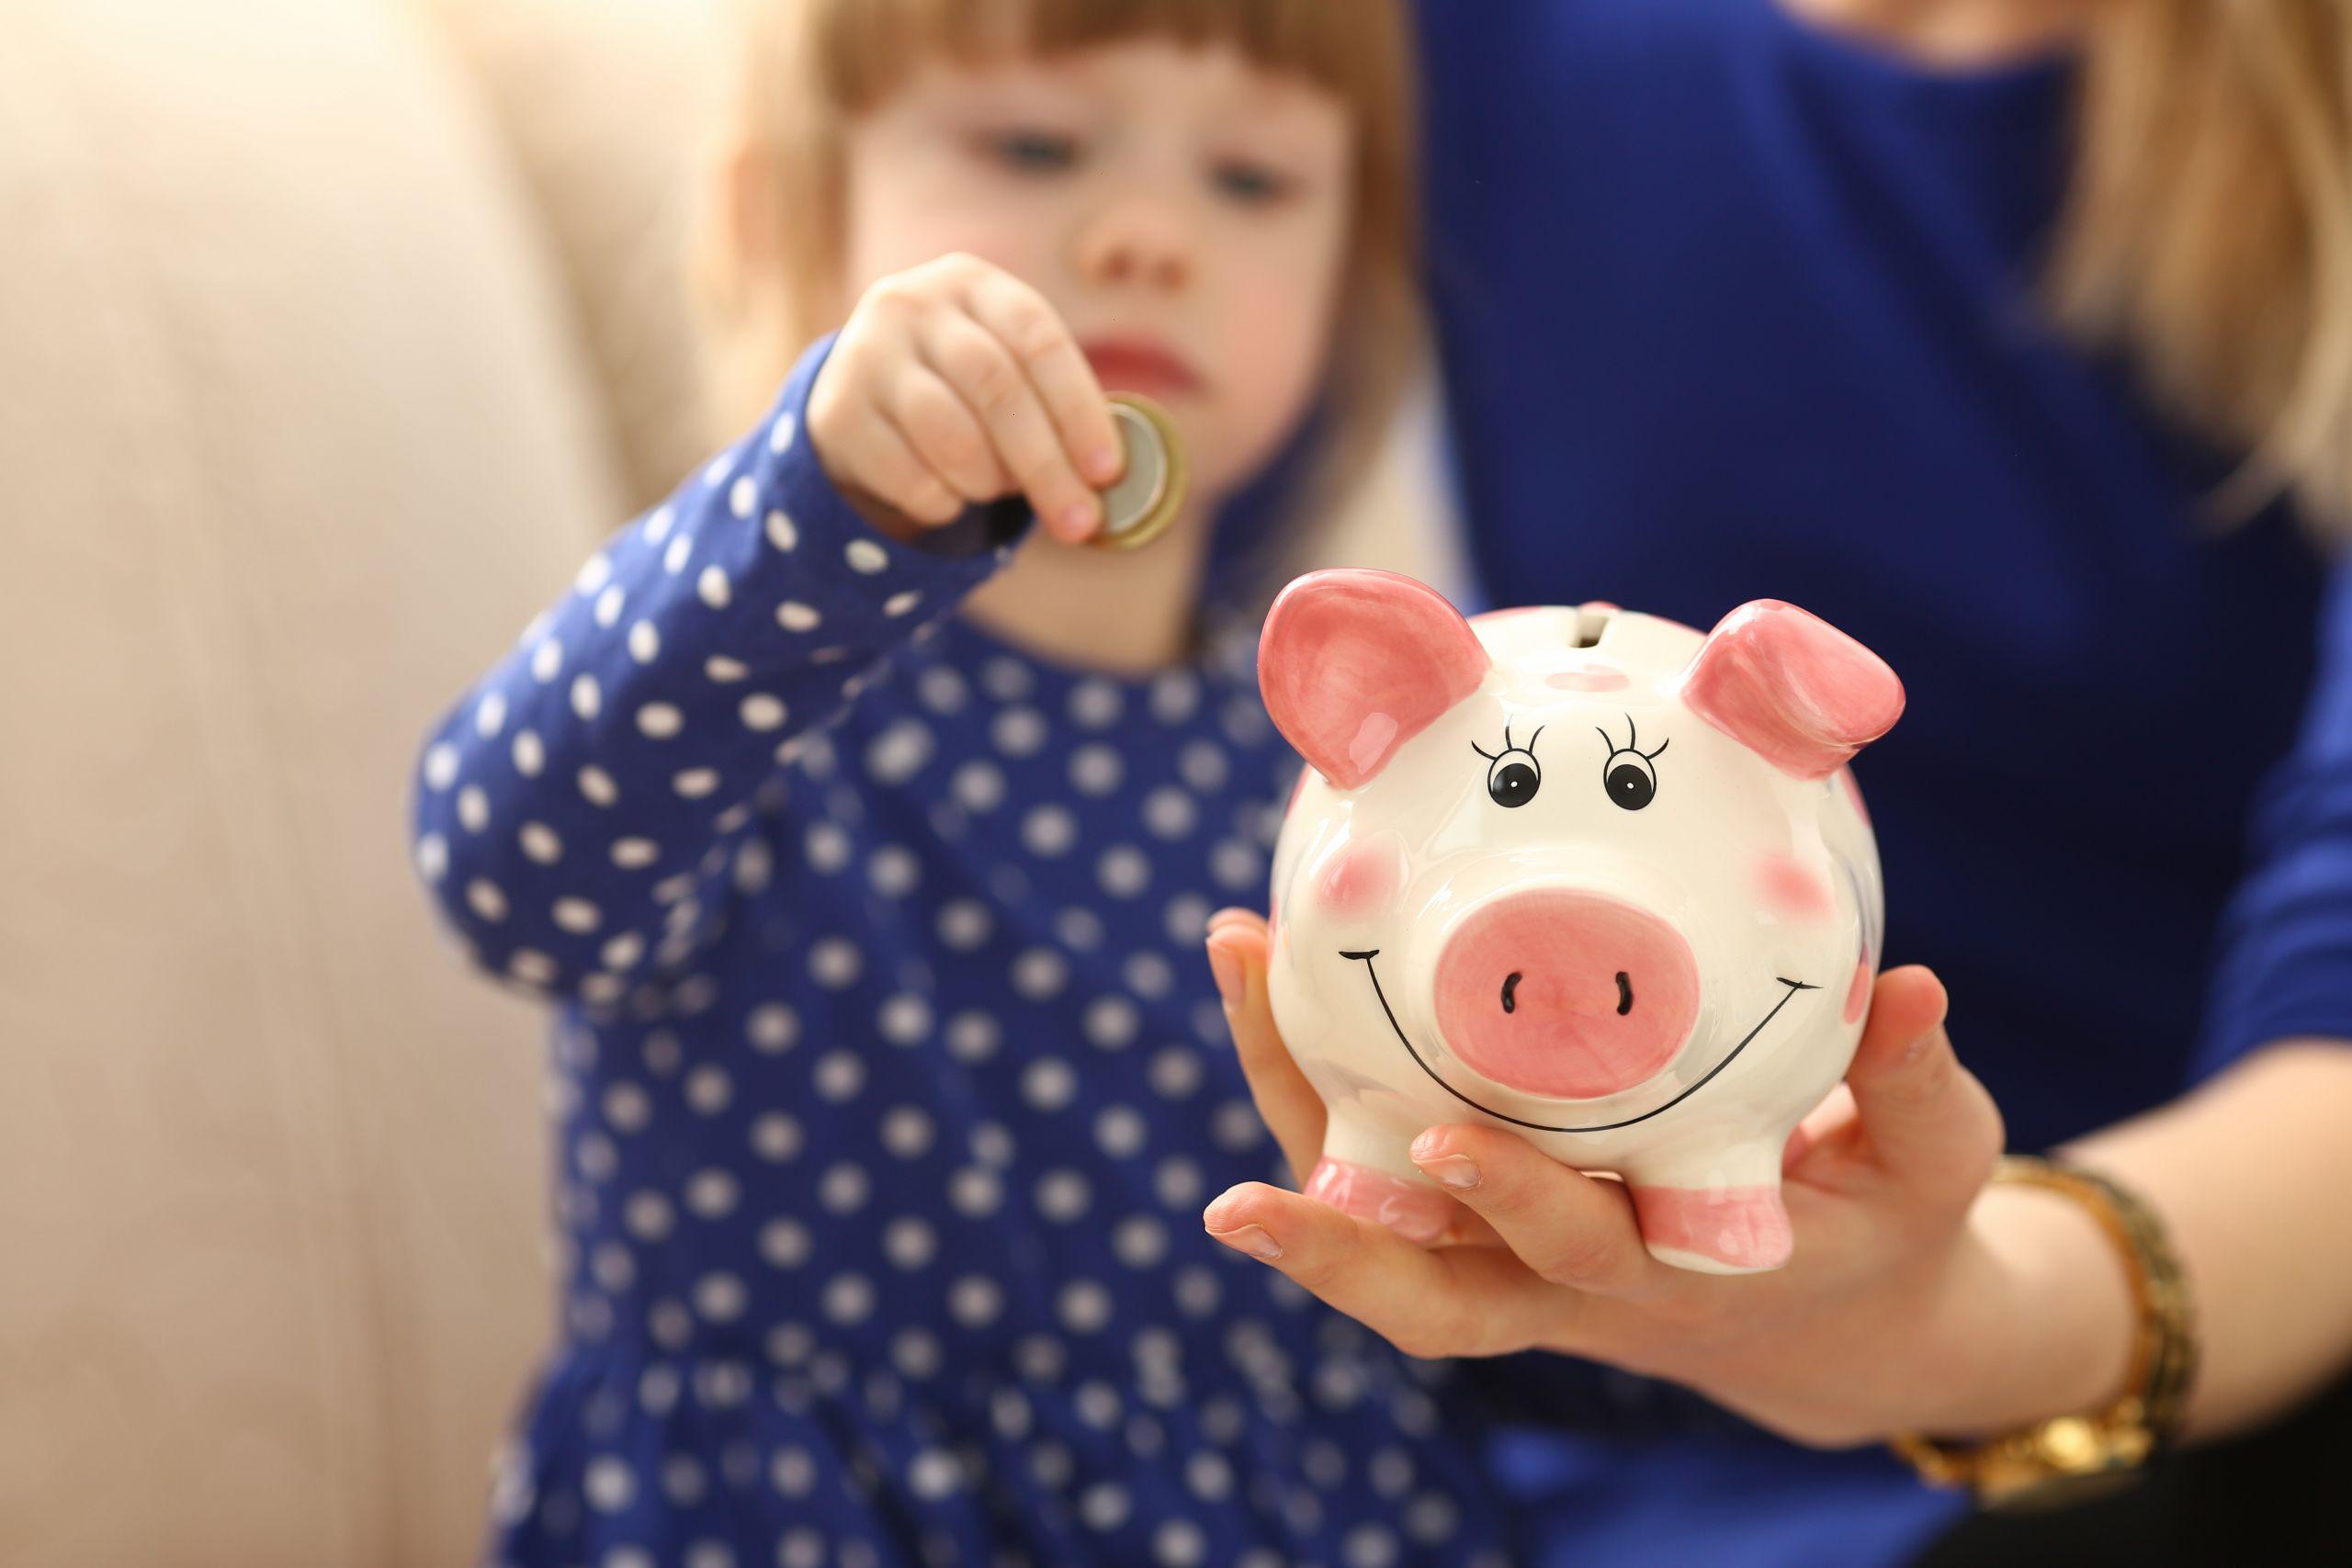 Kid Putting Money in Piggy Bank